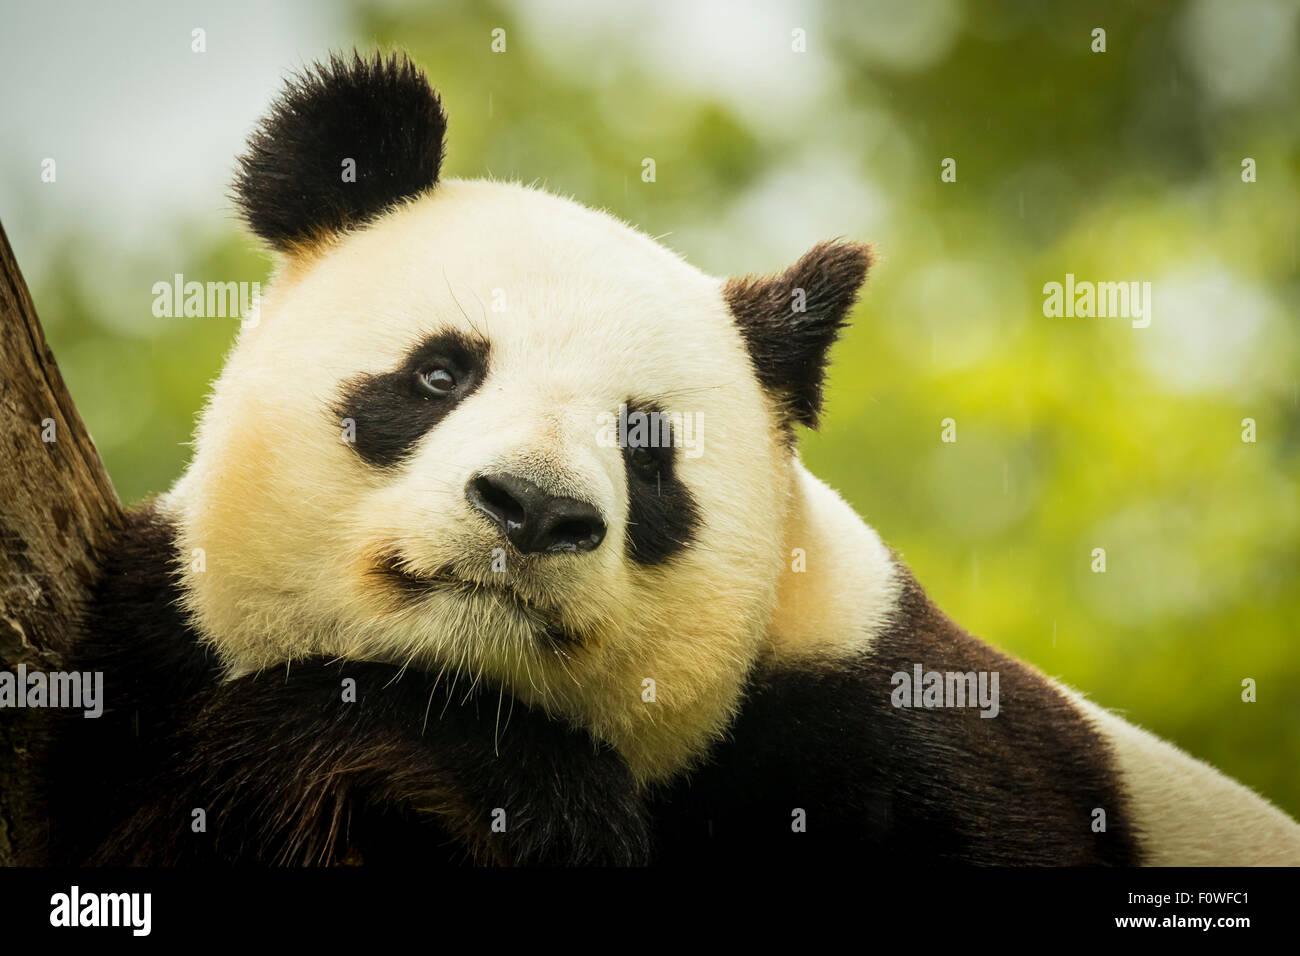 Oso Panda gigante cae dormido durante la lluvia en un bosque de bambú después de comer Foto de stock